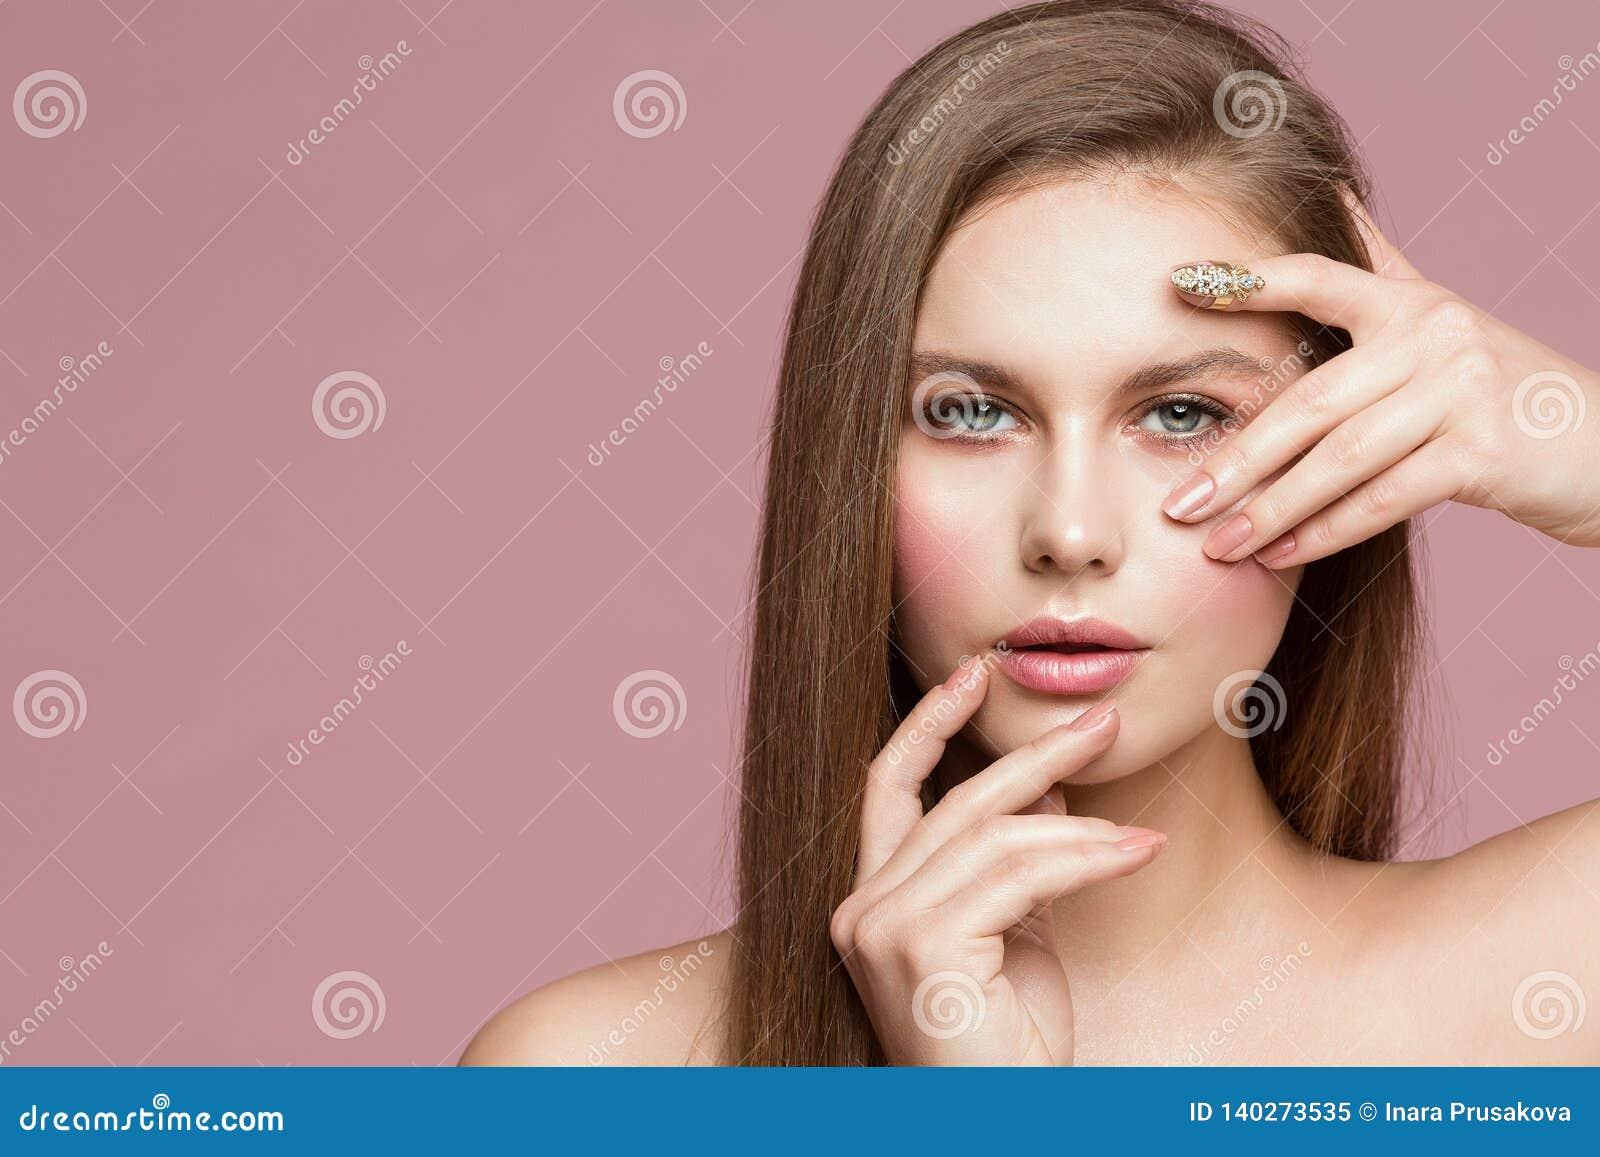 Retrato da beleza da mulher, Touching Face modelo, menina bonita que mostra a composição e os pregos, olhando através dos dedos